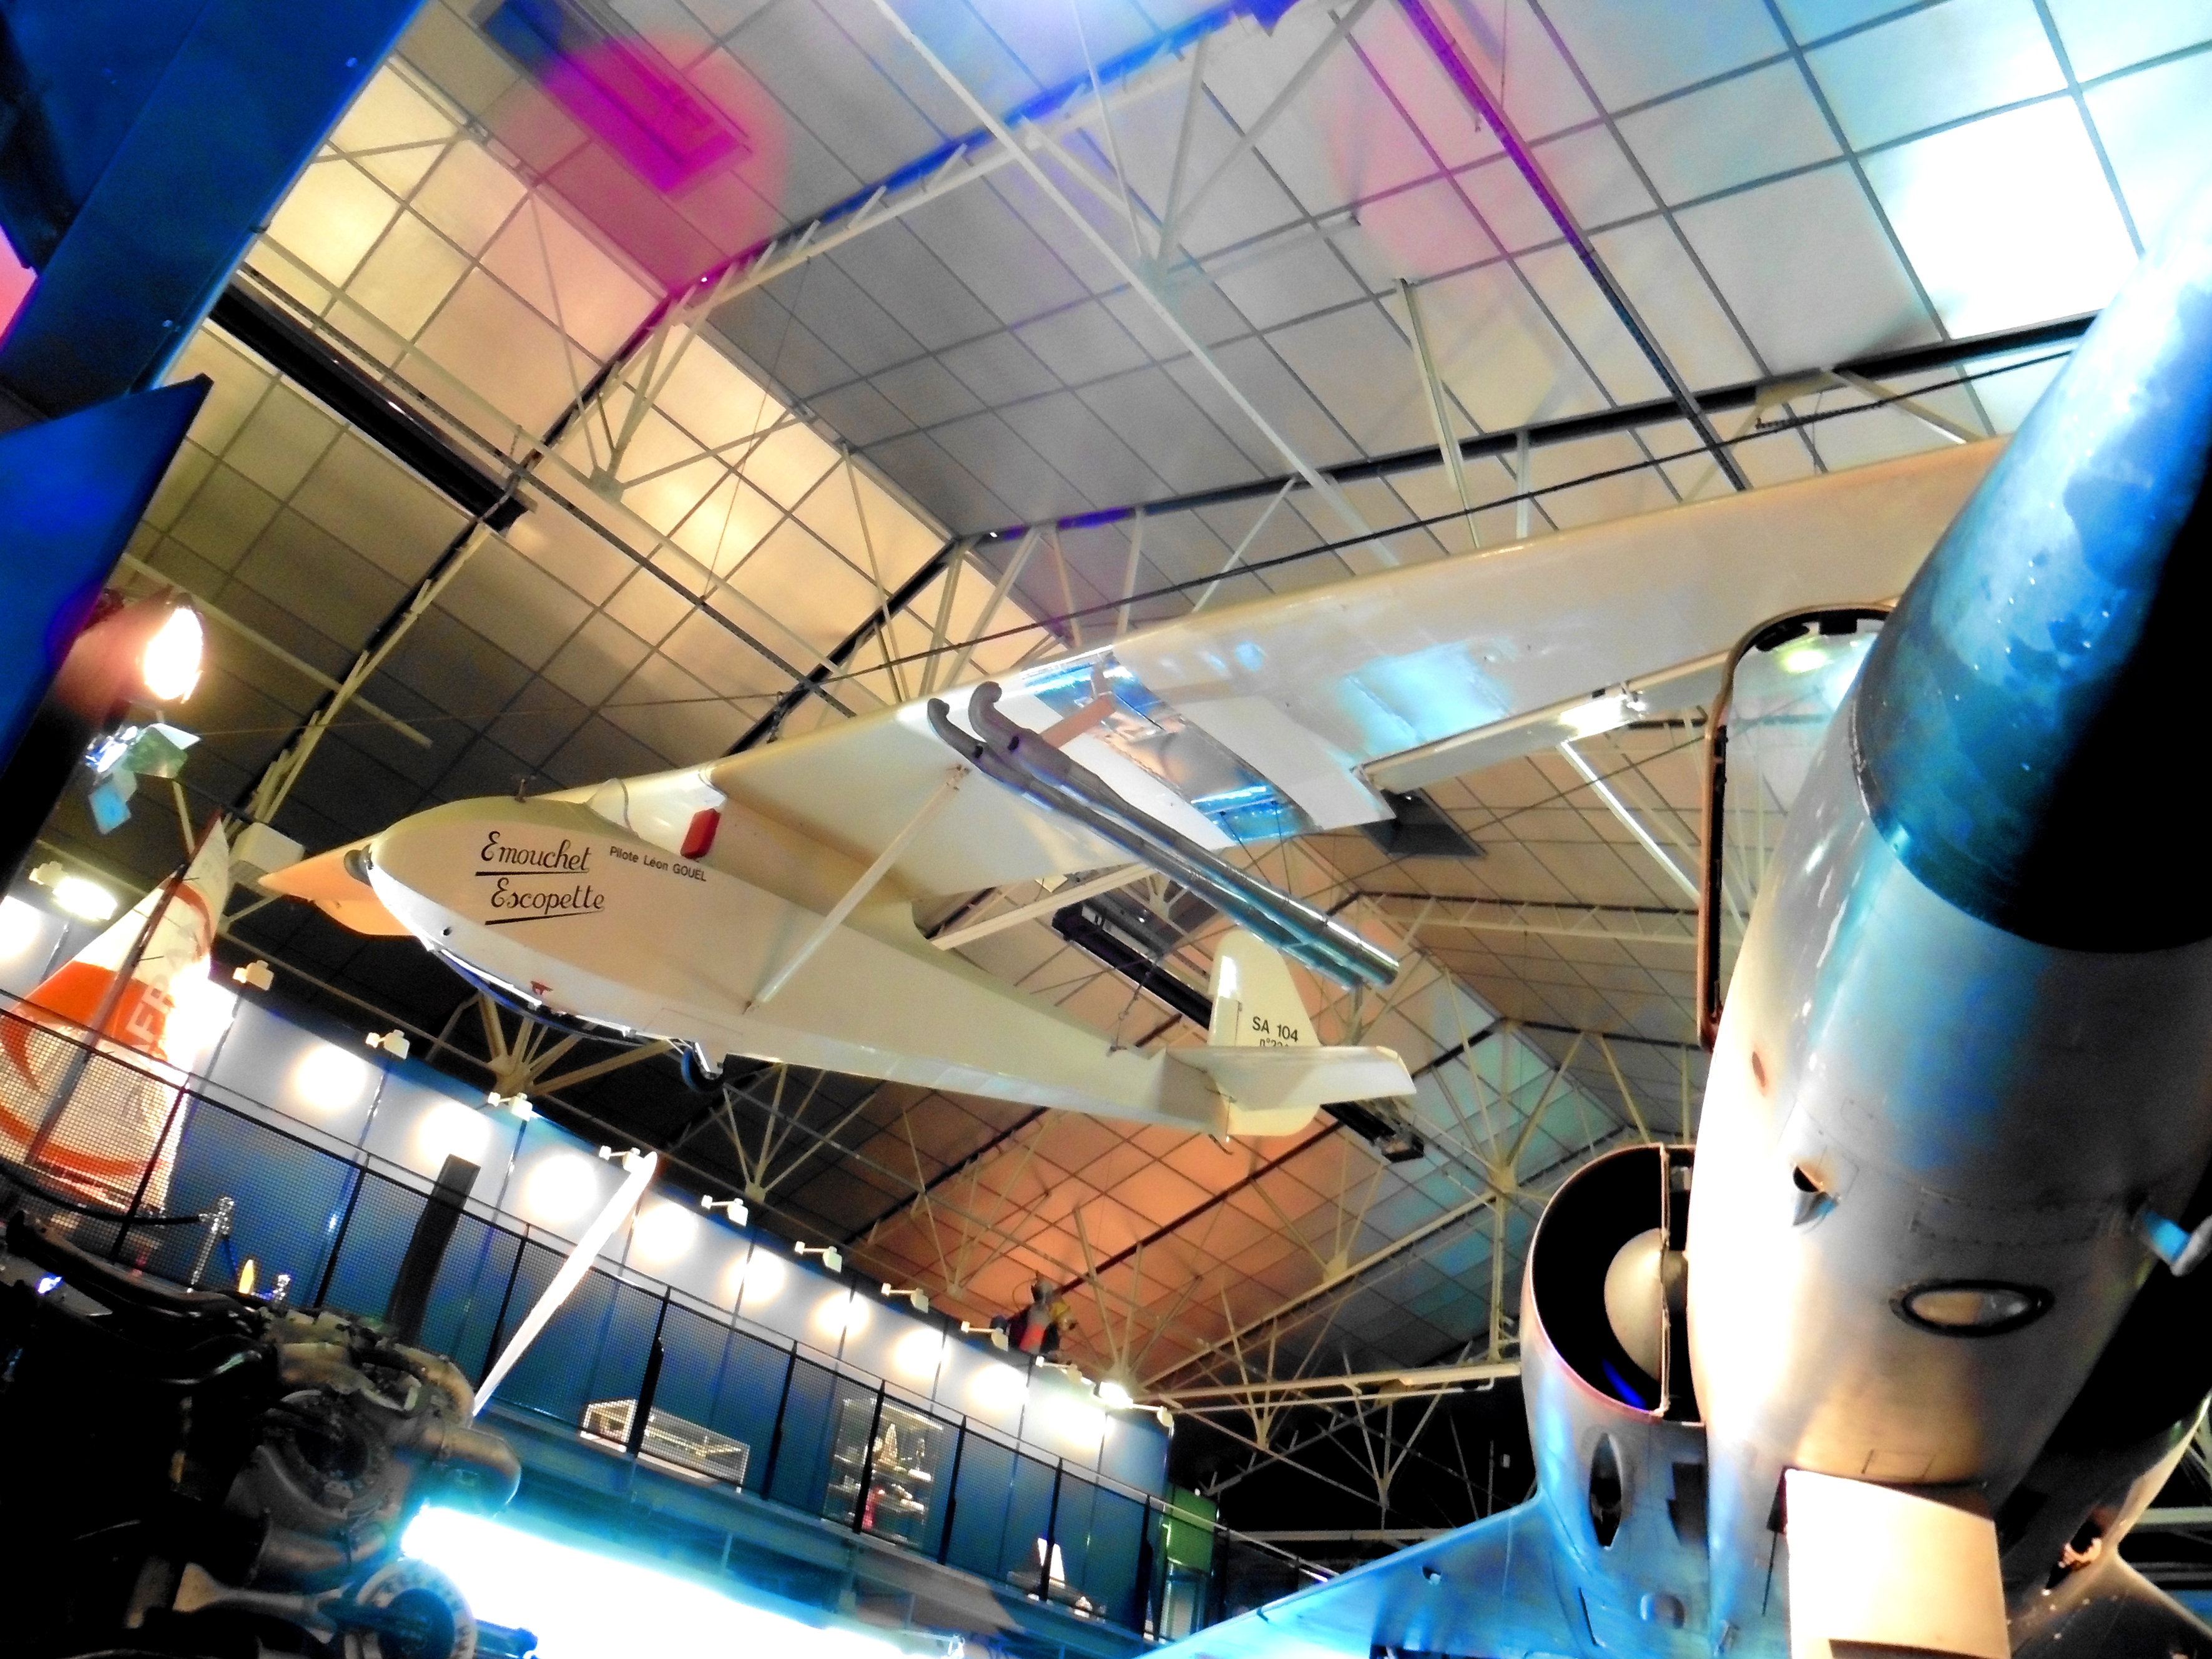 ©N Brasilier Musée Safran le 7mars18 17